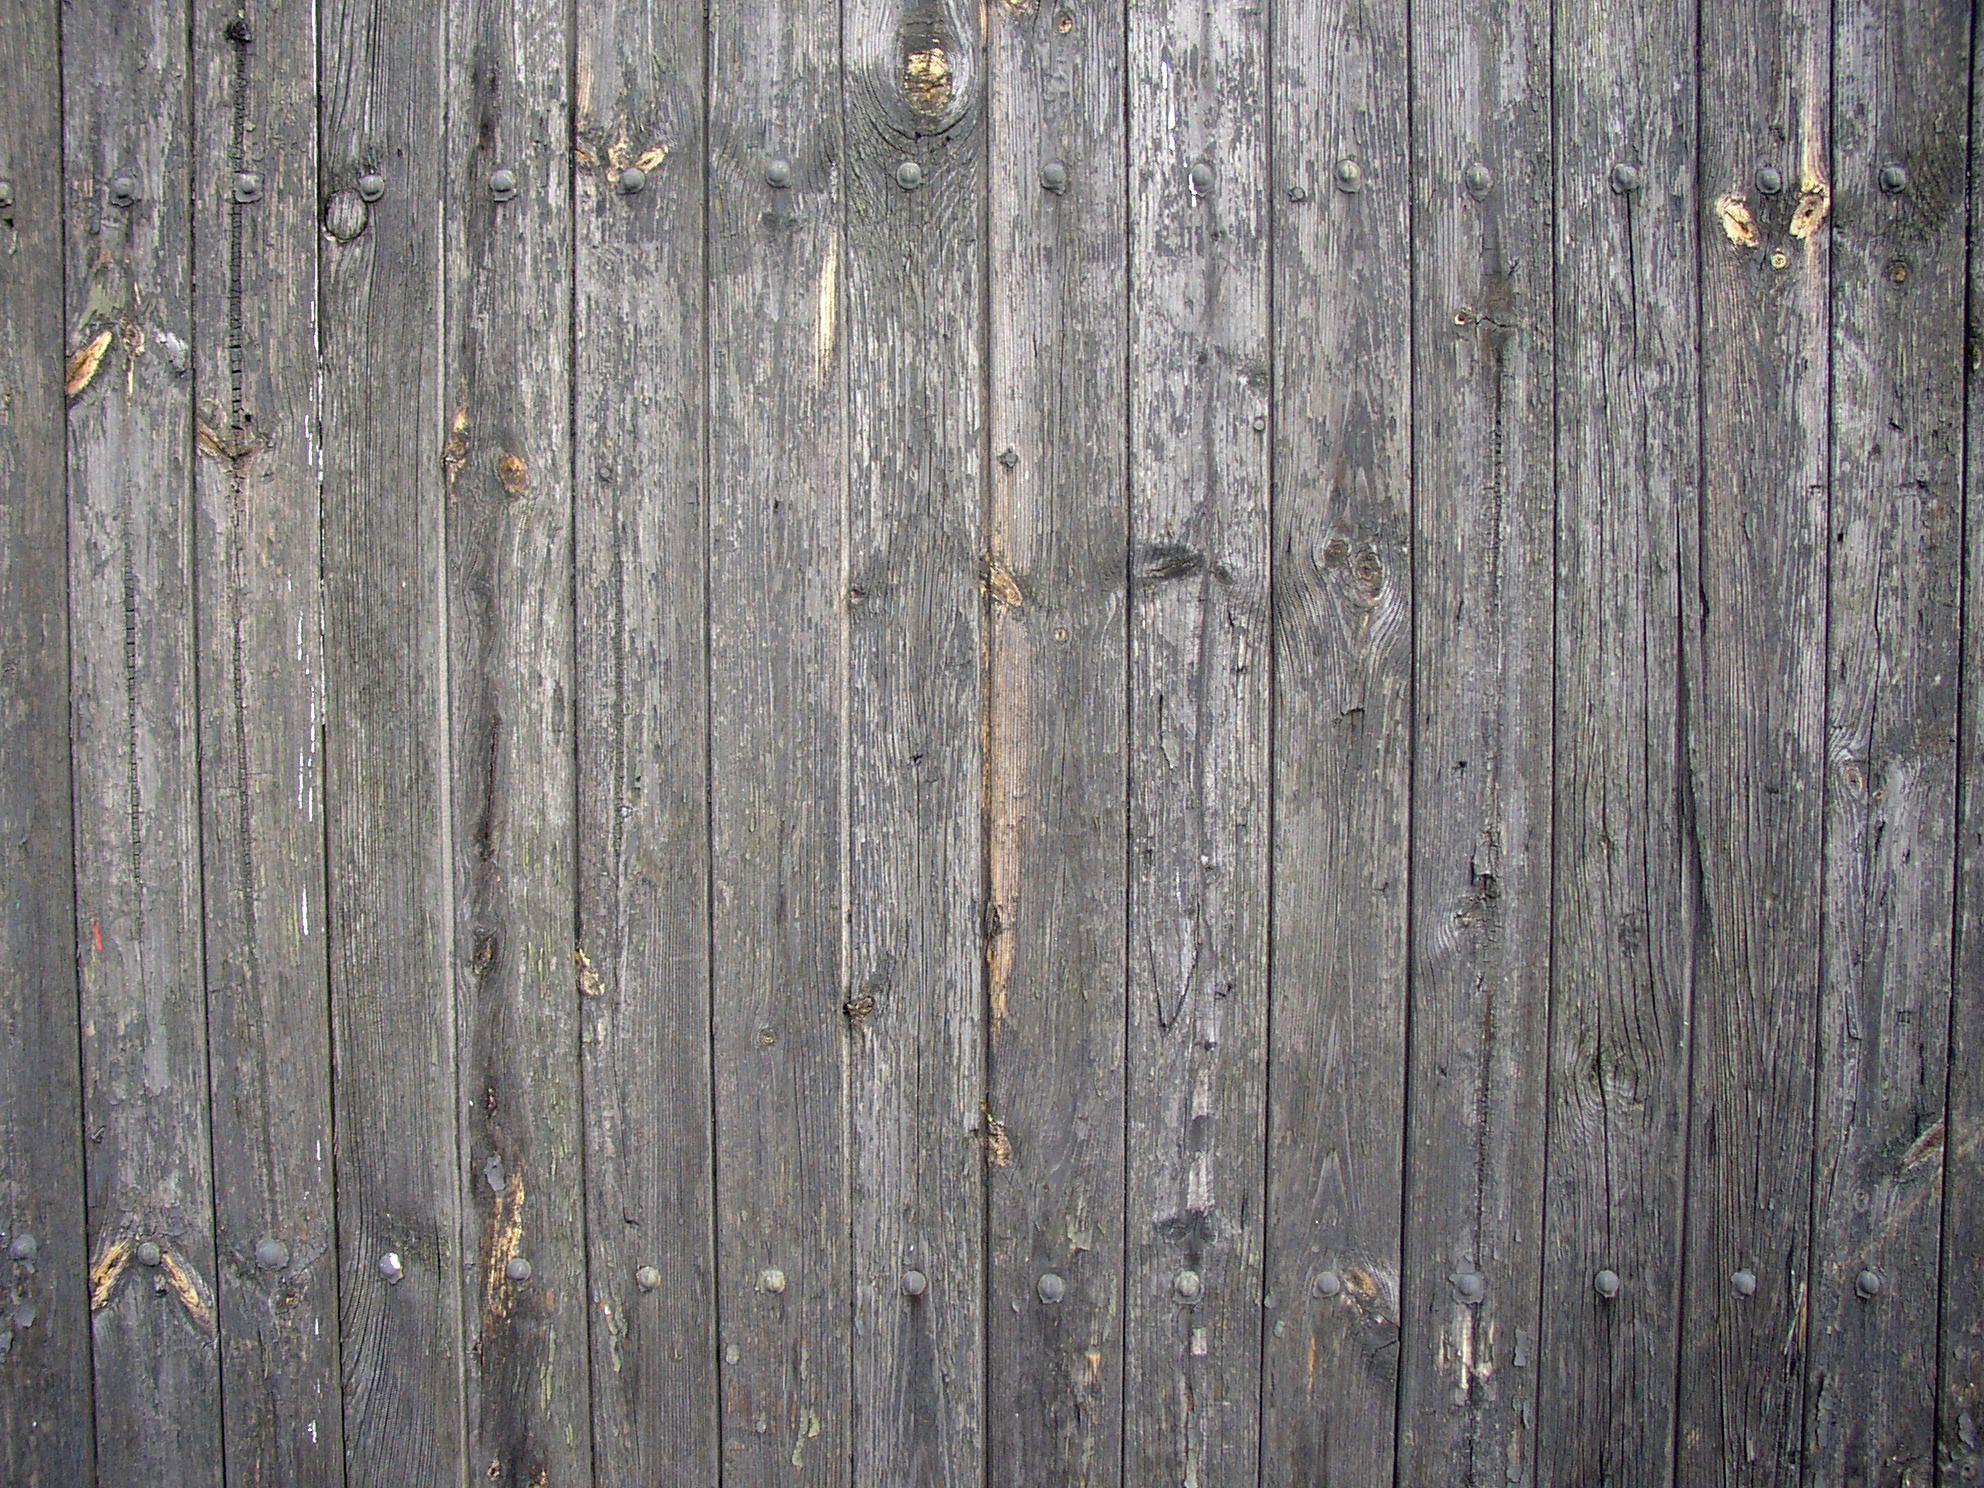 Old Wood Texture Recherche Google